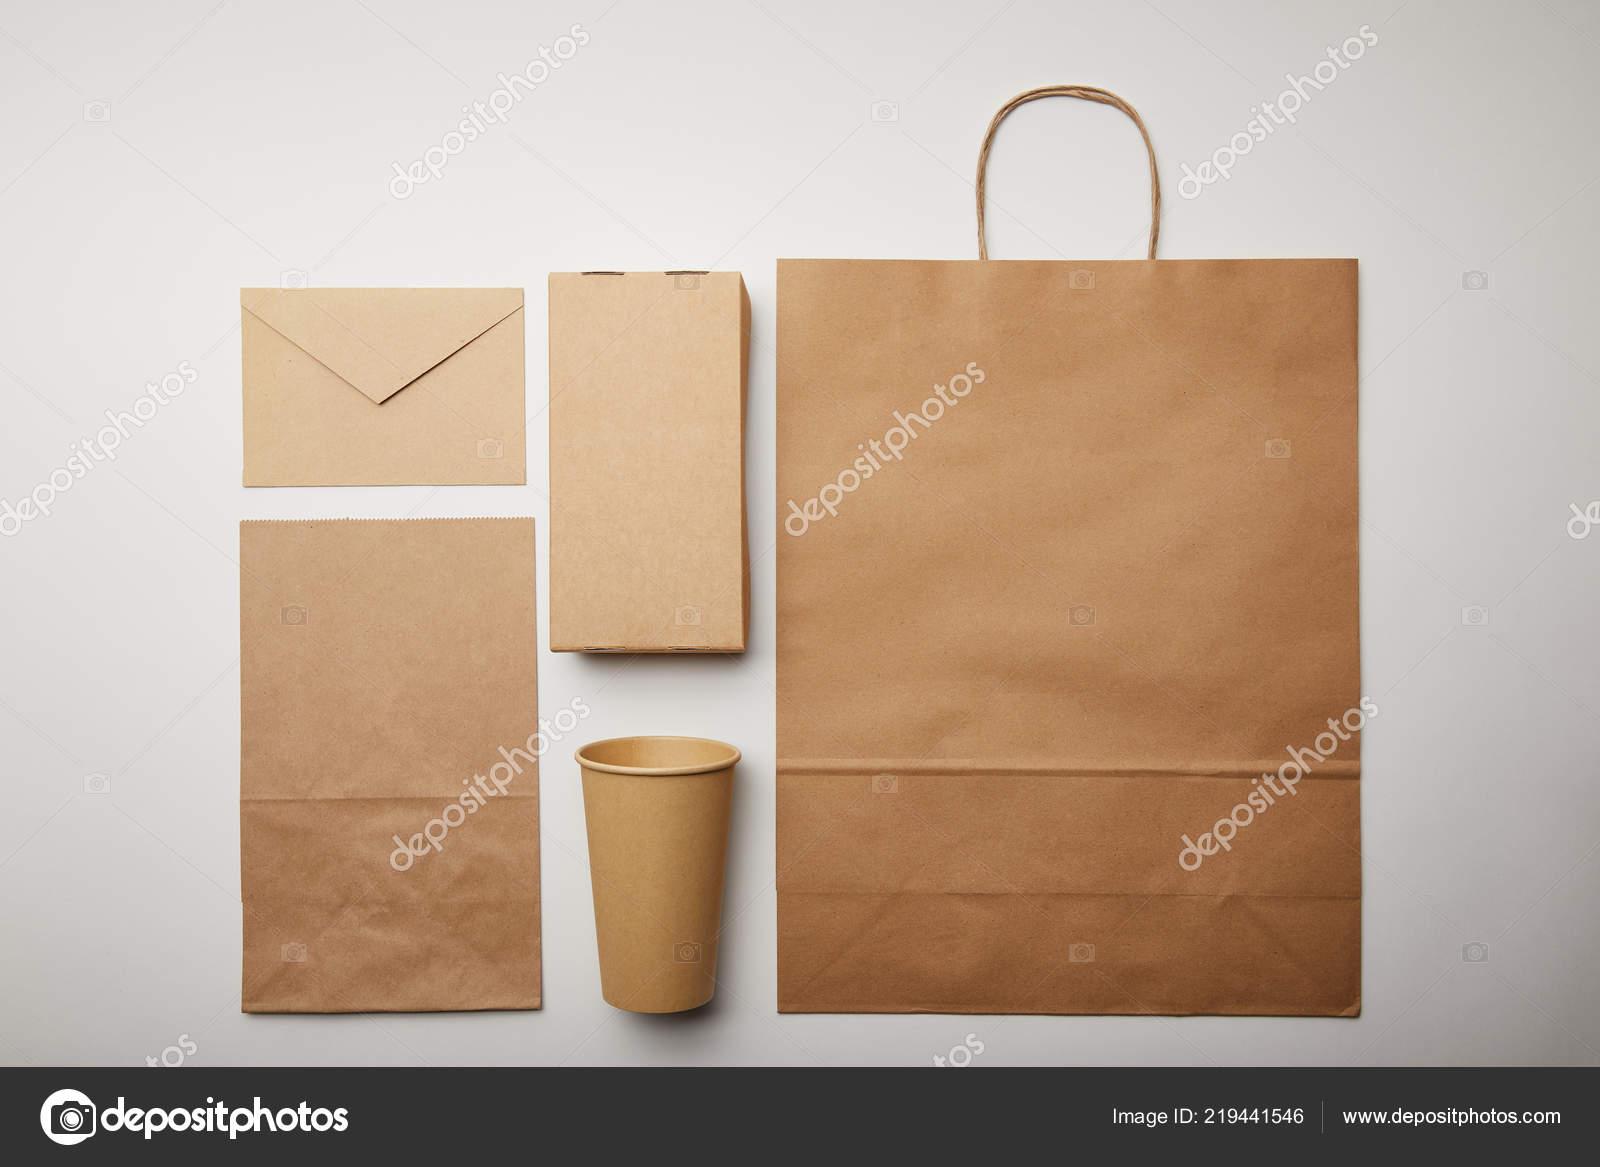 De Papieren Zak : Flay lay met envelop papier beker papieren zak van levering